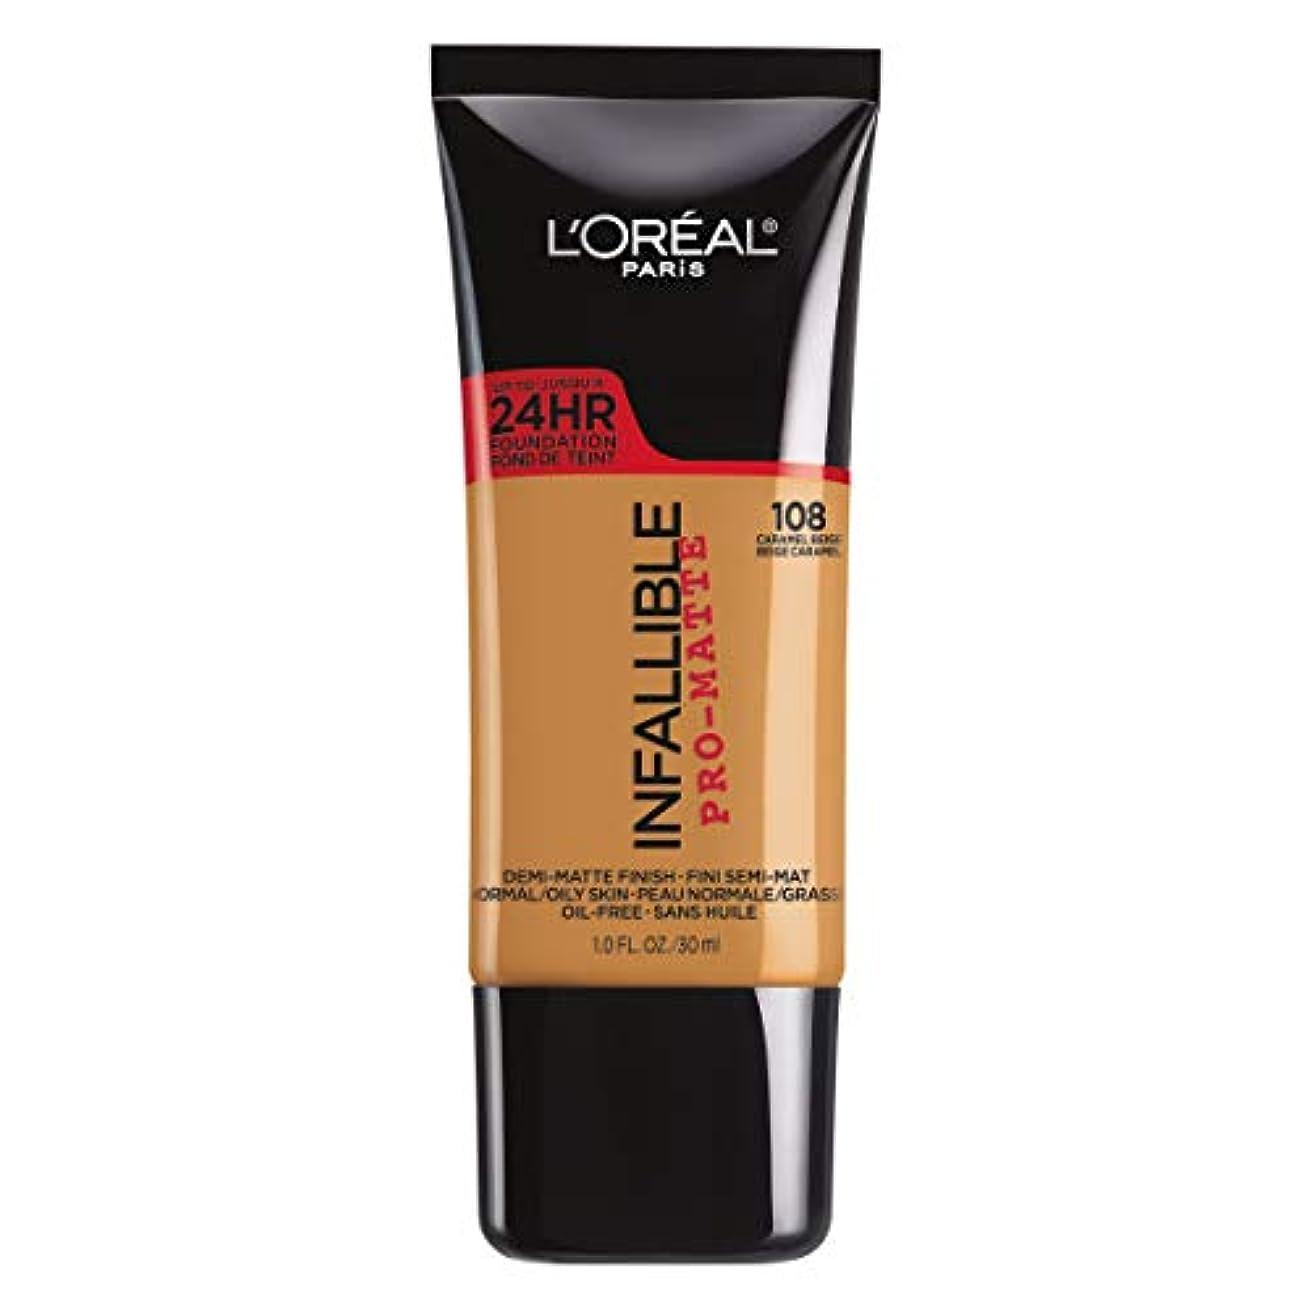 チーターシリンダー熟練したL'Oreal Paris Infallible Pro-Matte Foundation Makeup, 108 Caramel Beige, 1 fl. oz[並行輸入品]